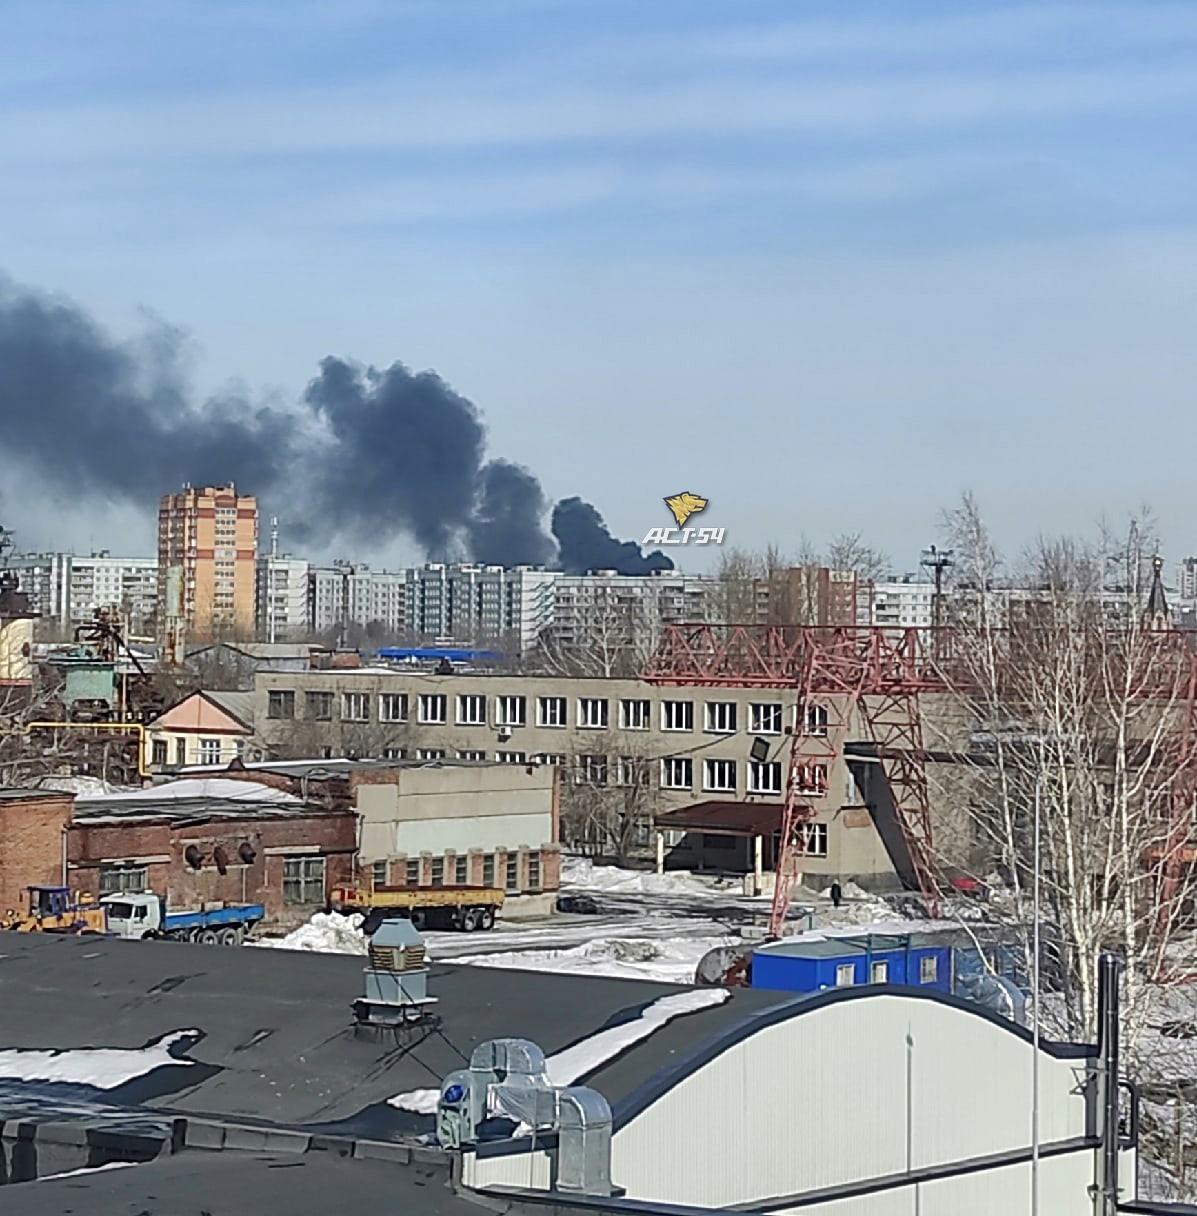 фото Чёрный столб дыма поднялся над Новосибирском из-за пожара на подстанции – видео 2